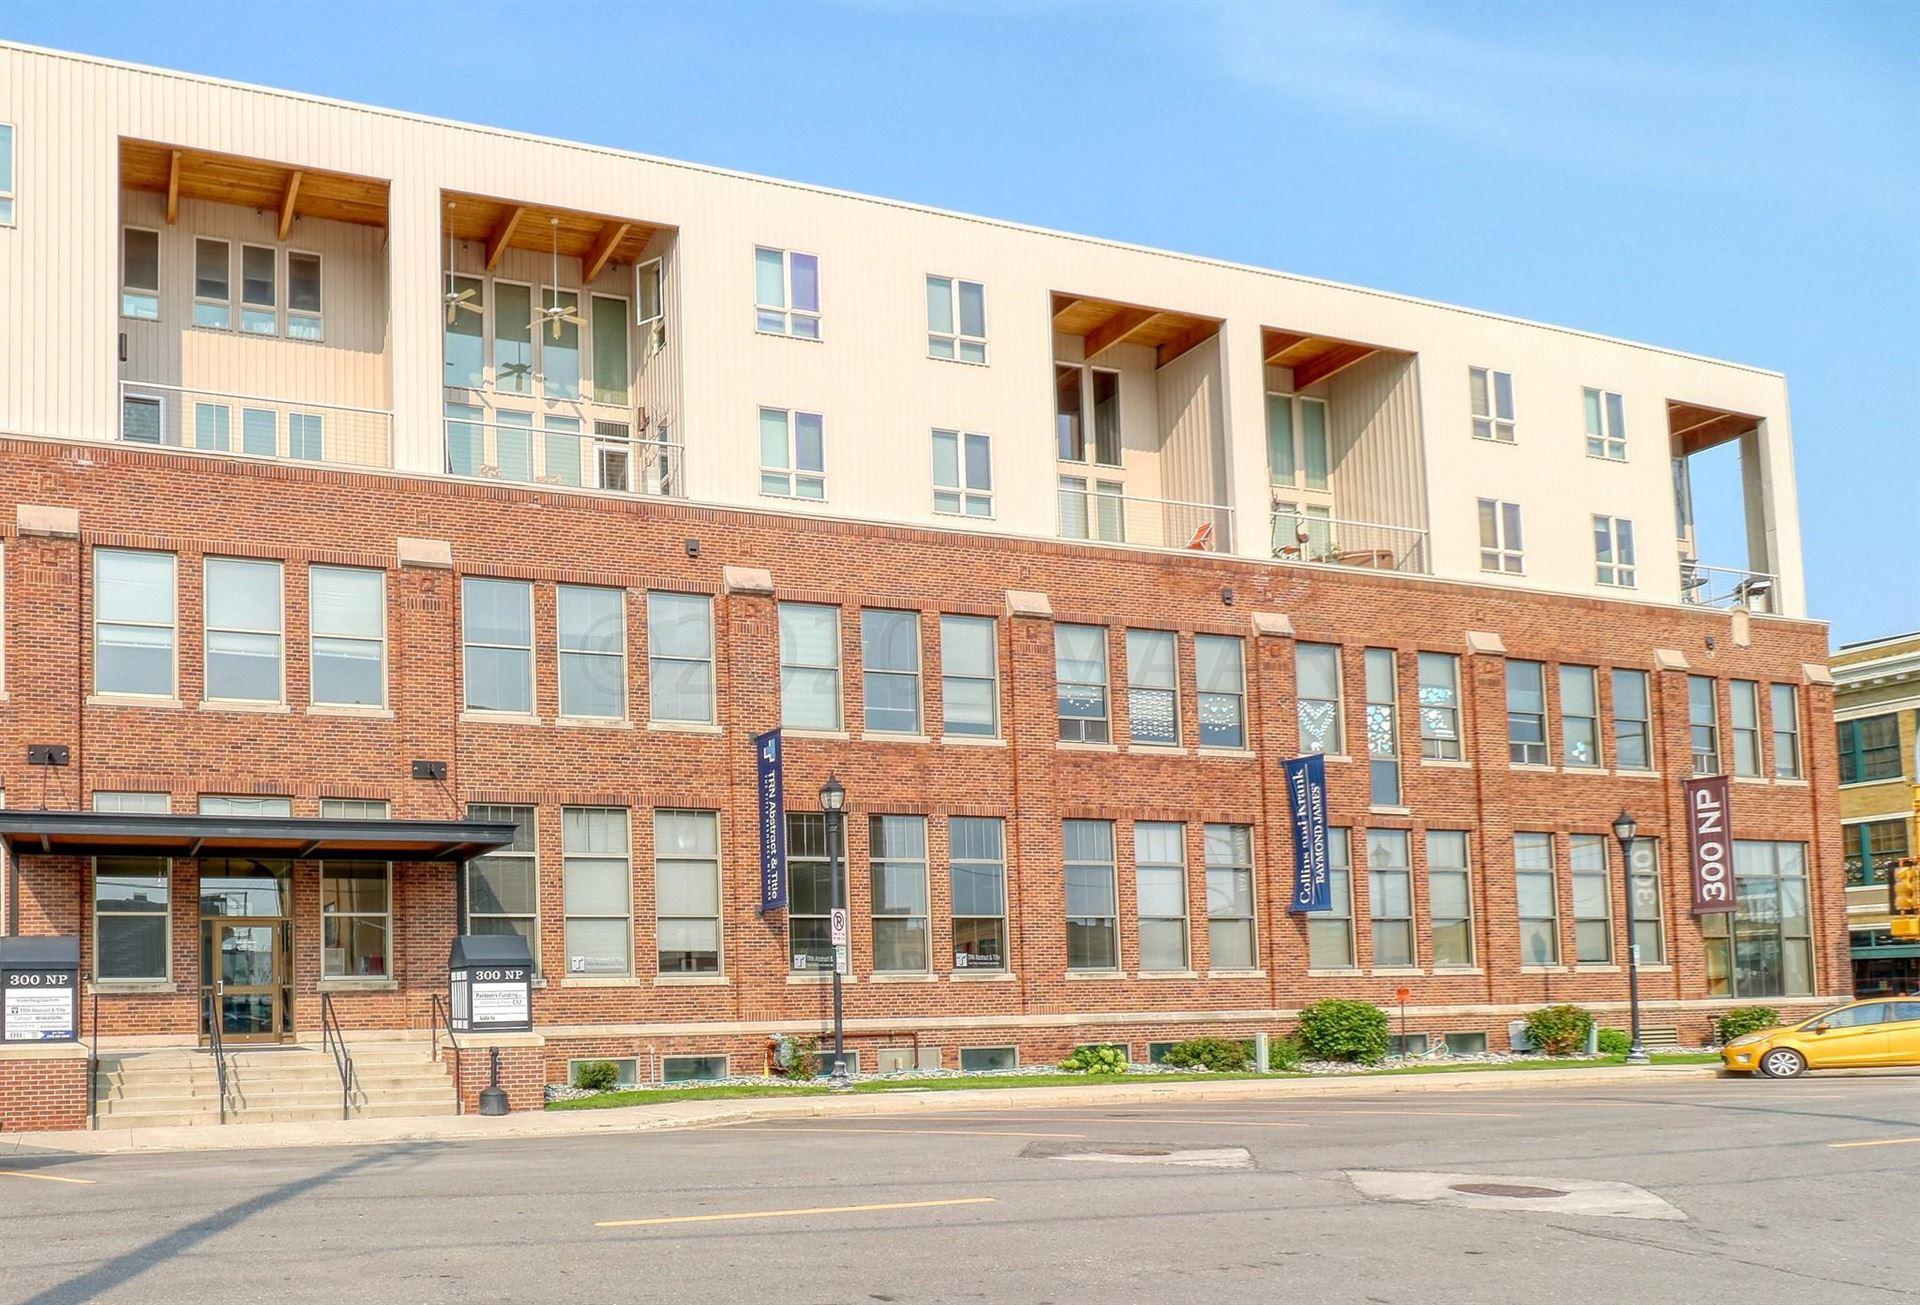 300 NP Avenue #UNIT 302, Fargo, ND 58102 - #: 20-5075